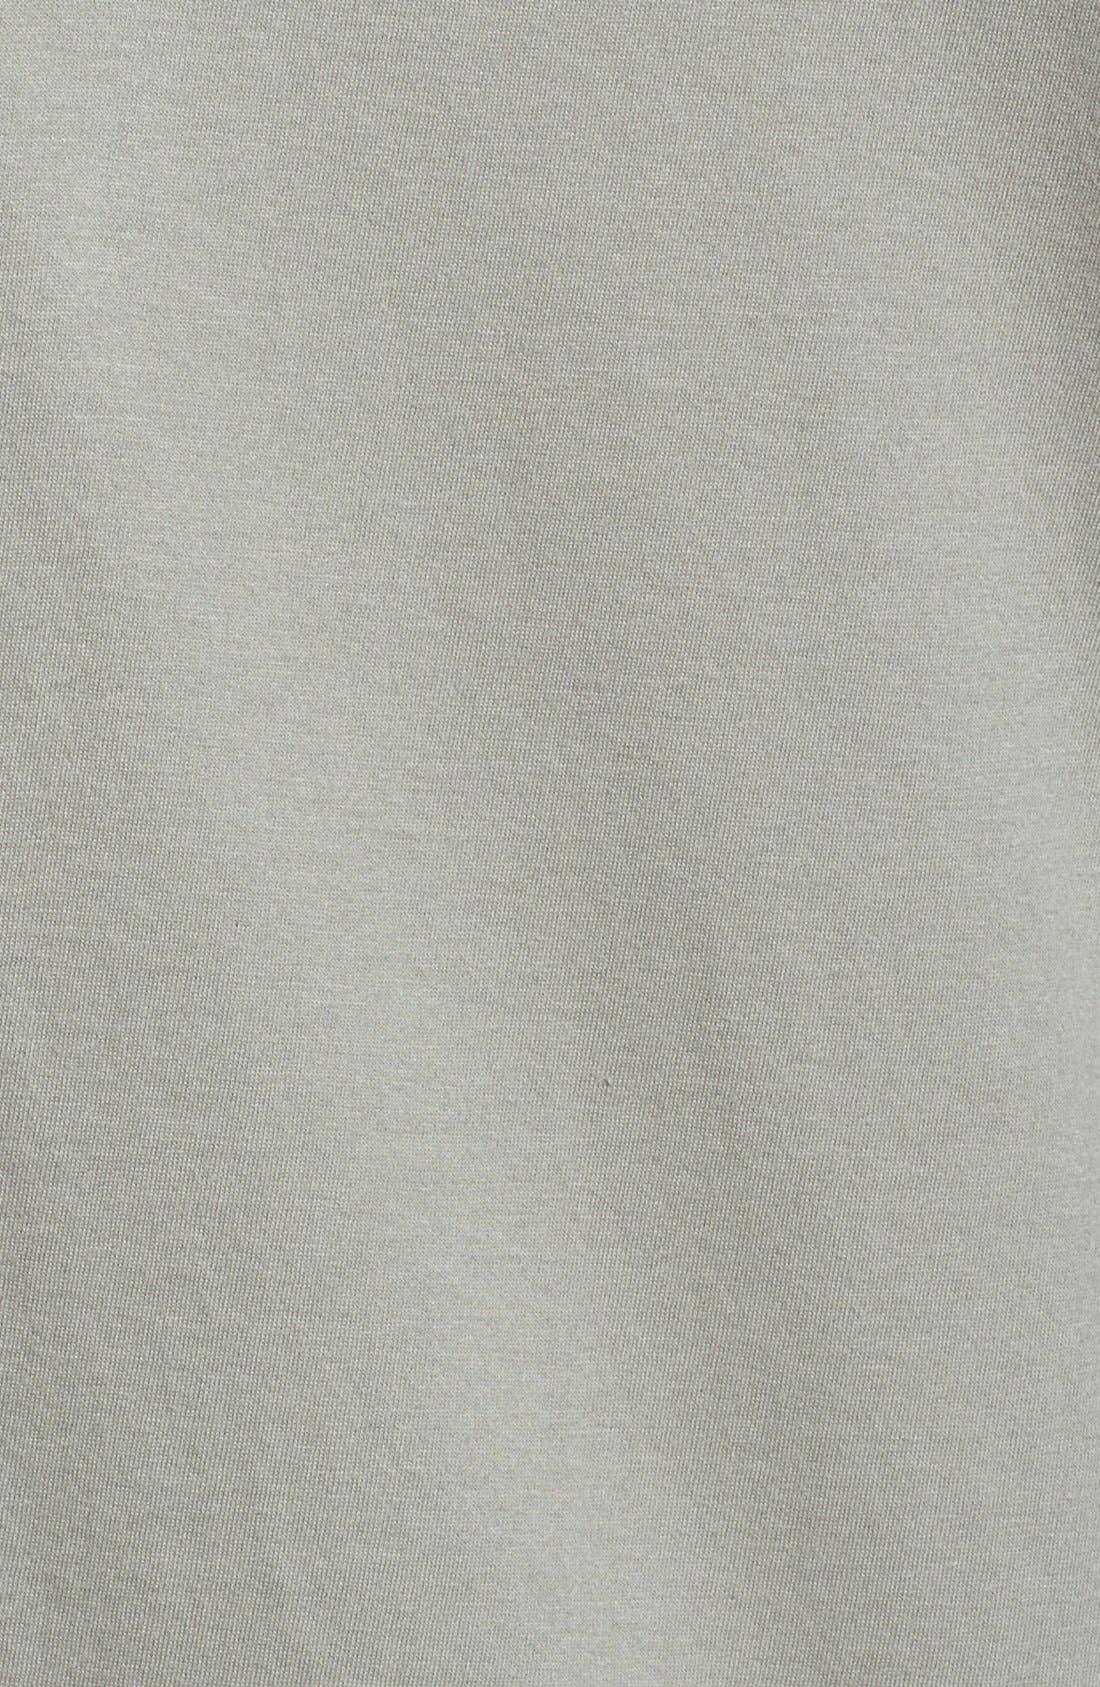 'St. Louis Cardinals - Brass Tacks' T-Shirt,                             Alternate thumbnail 3, color,                             Grey